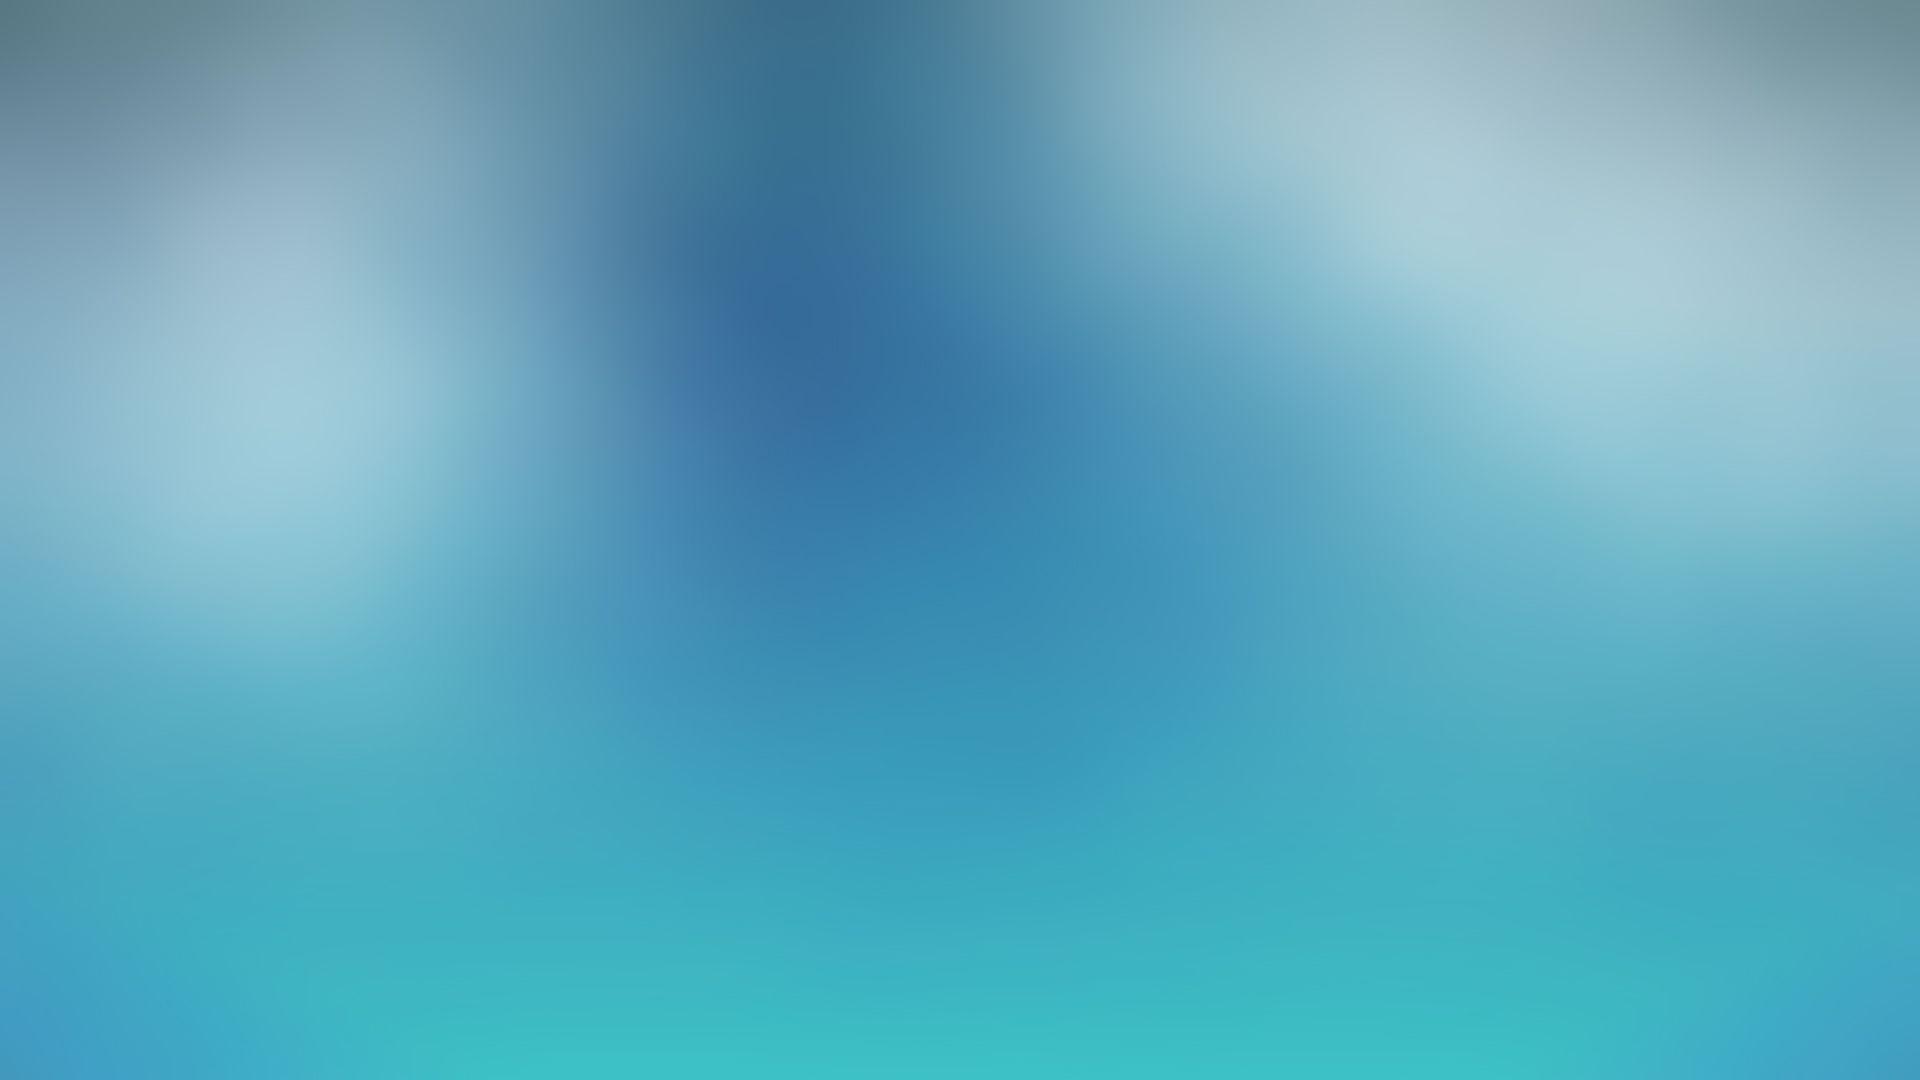 blue-bg